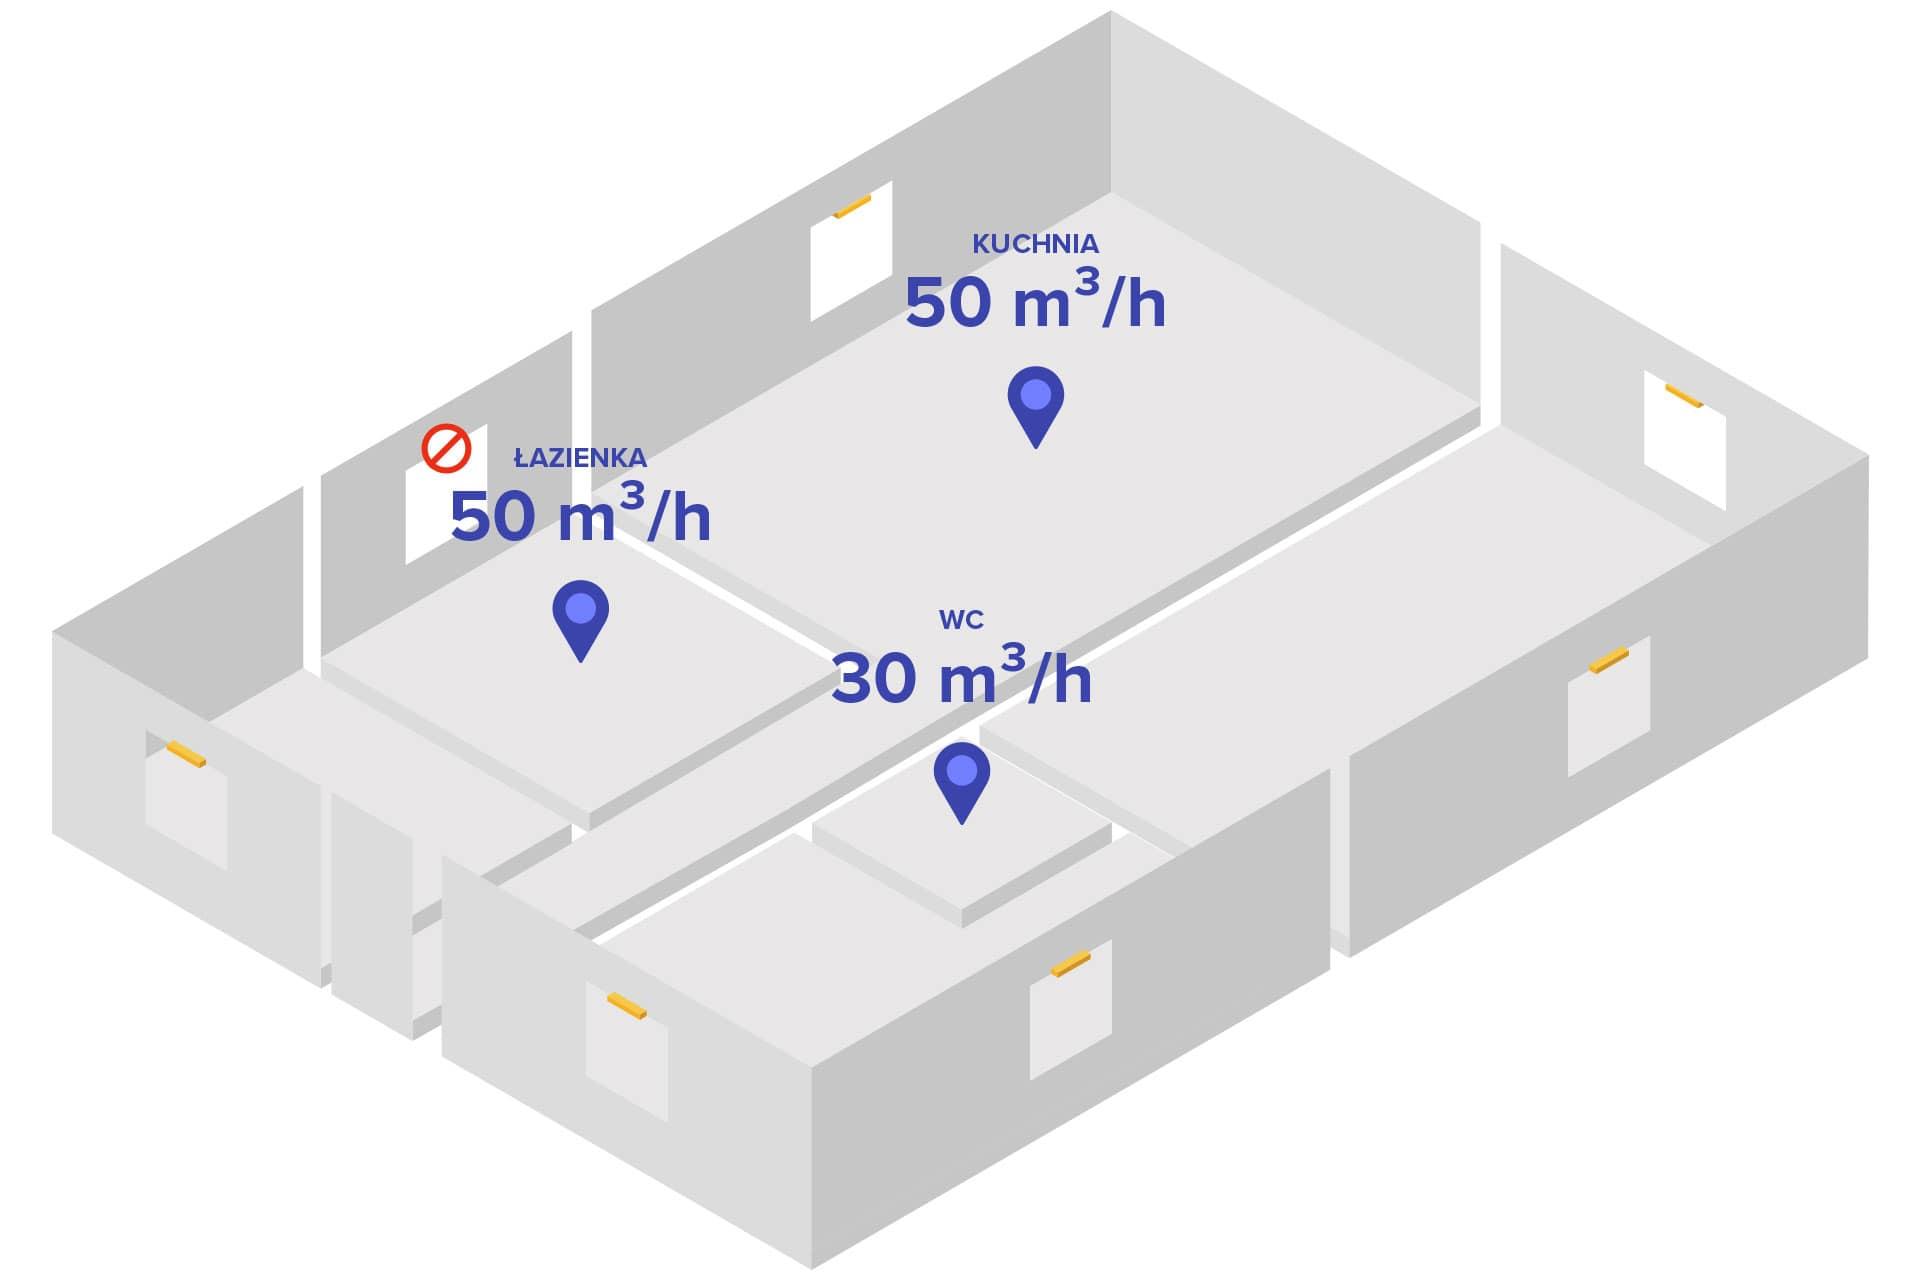 Jak rozmieścić nawiewniki okienne wmieszkaniu dla prawidłowego działania wentylacji